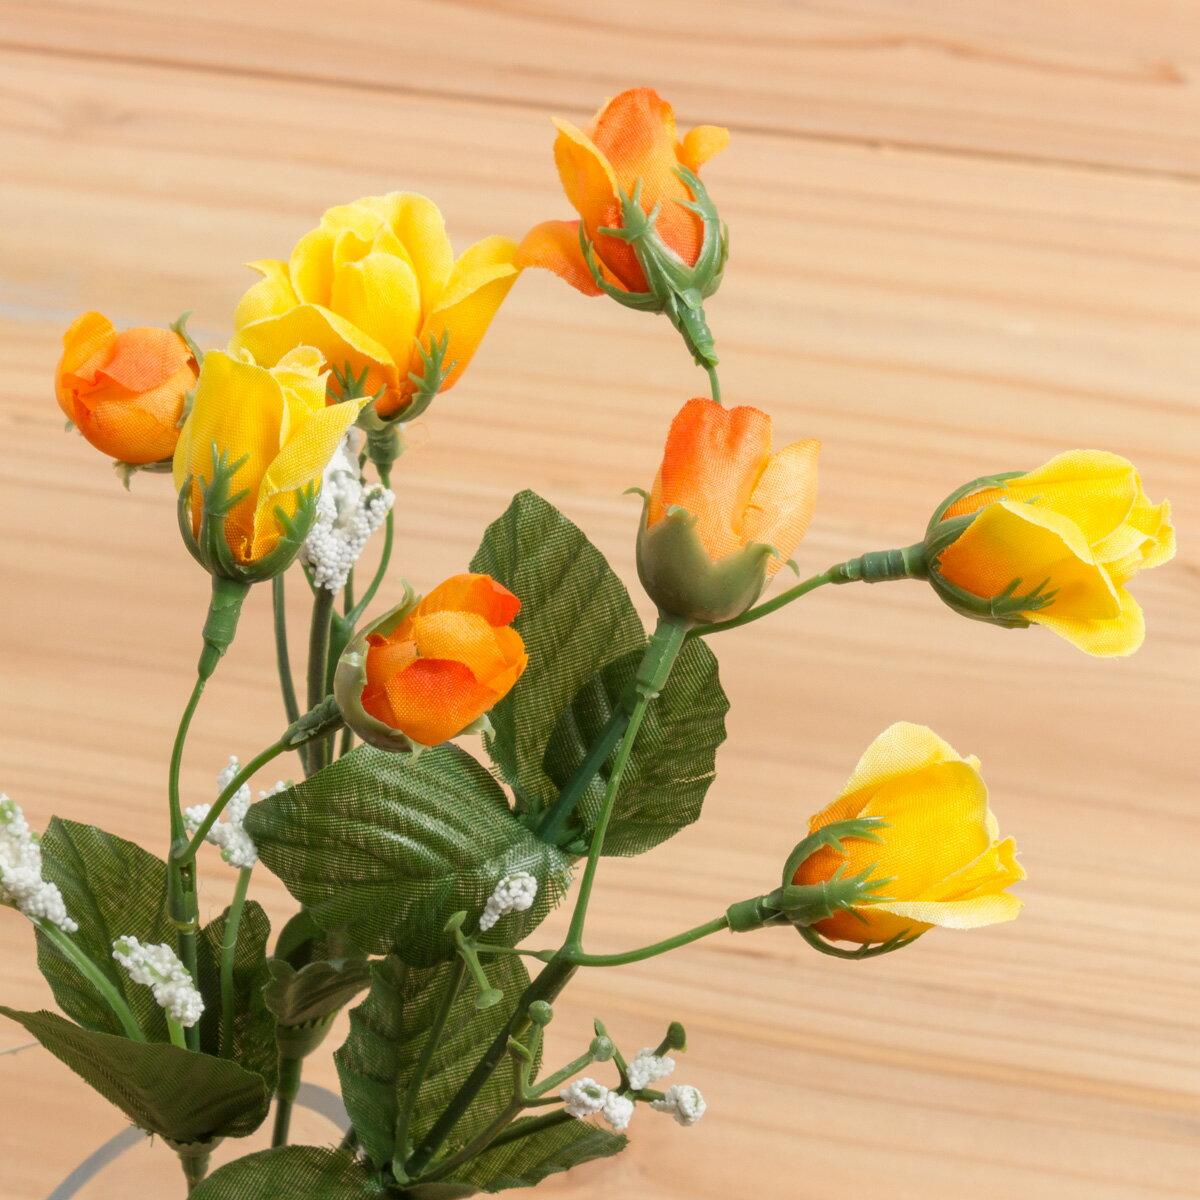 大特価◎即日★【造花】YDM/カスミツキミニローズバッド イエローオレンジ/FB2349-YOR|造花 バラ【00】《 造花(アーティフィシャルフラワー) 造花 花材「は行」 バラ 》